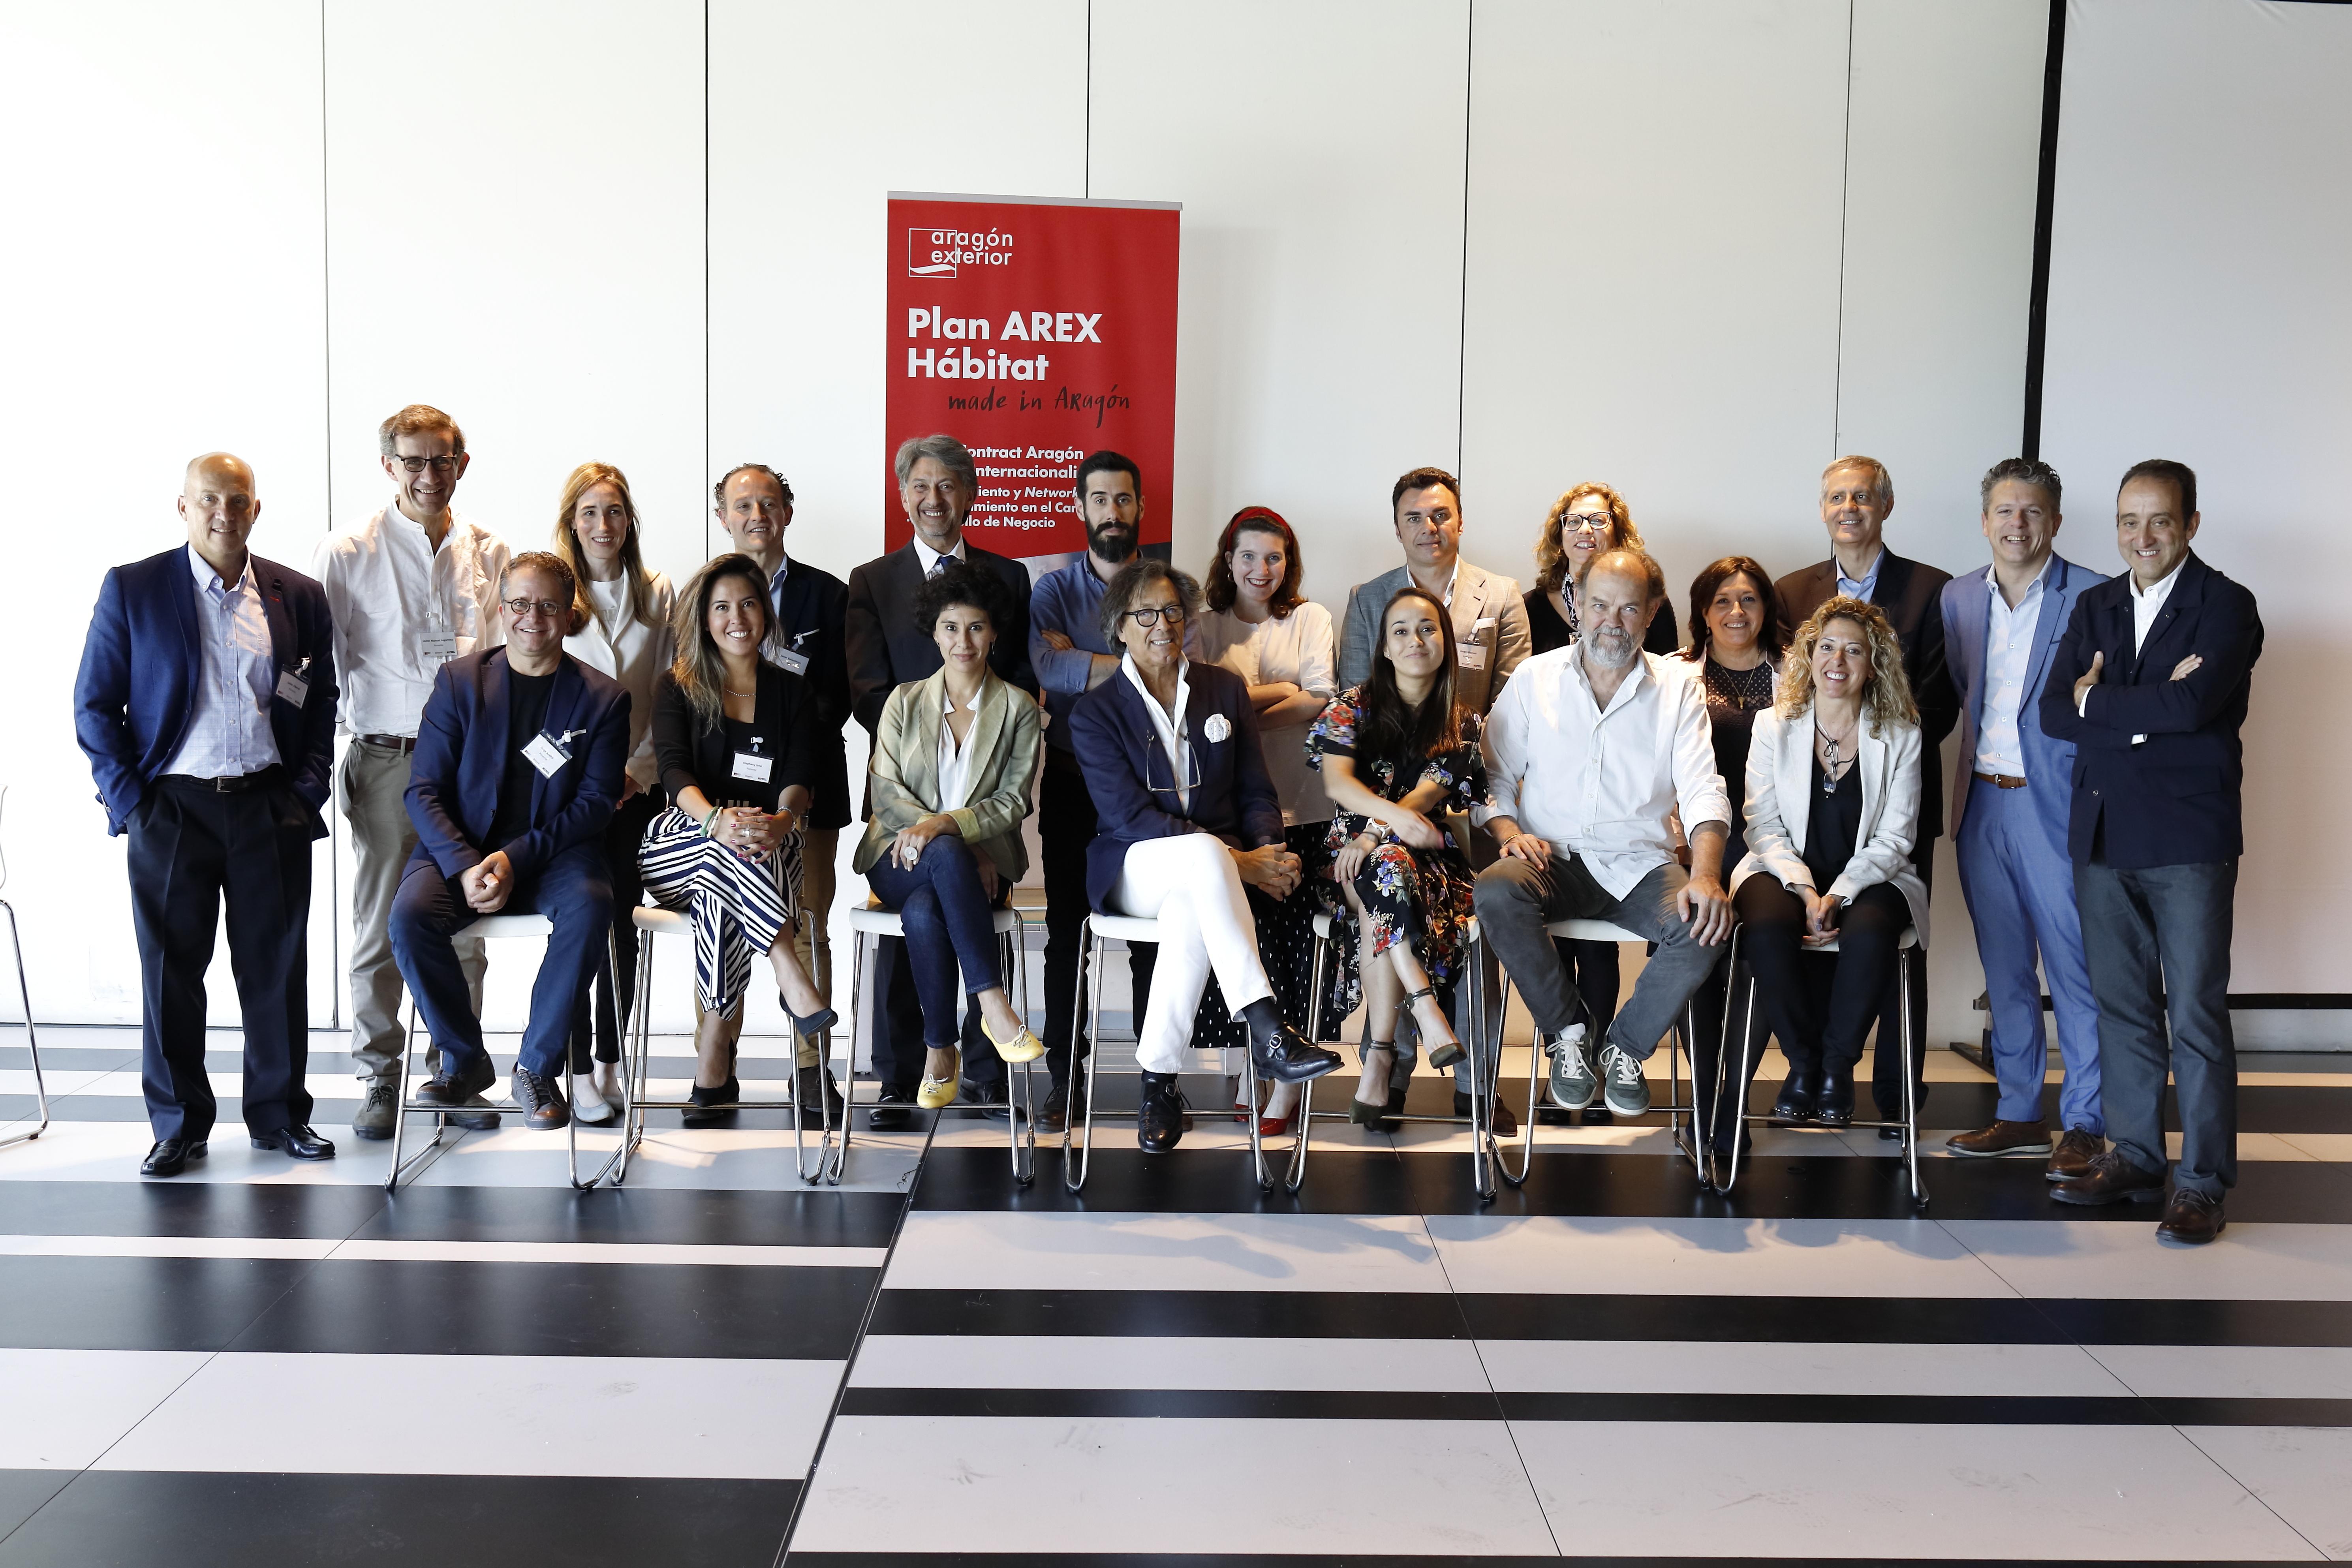 II Encuentro Internacional Contract Aragón (pendiente nueva fecha de celebración)